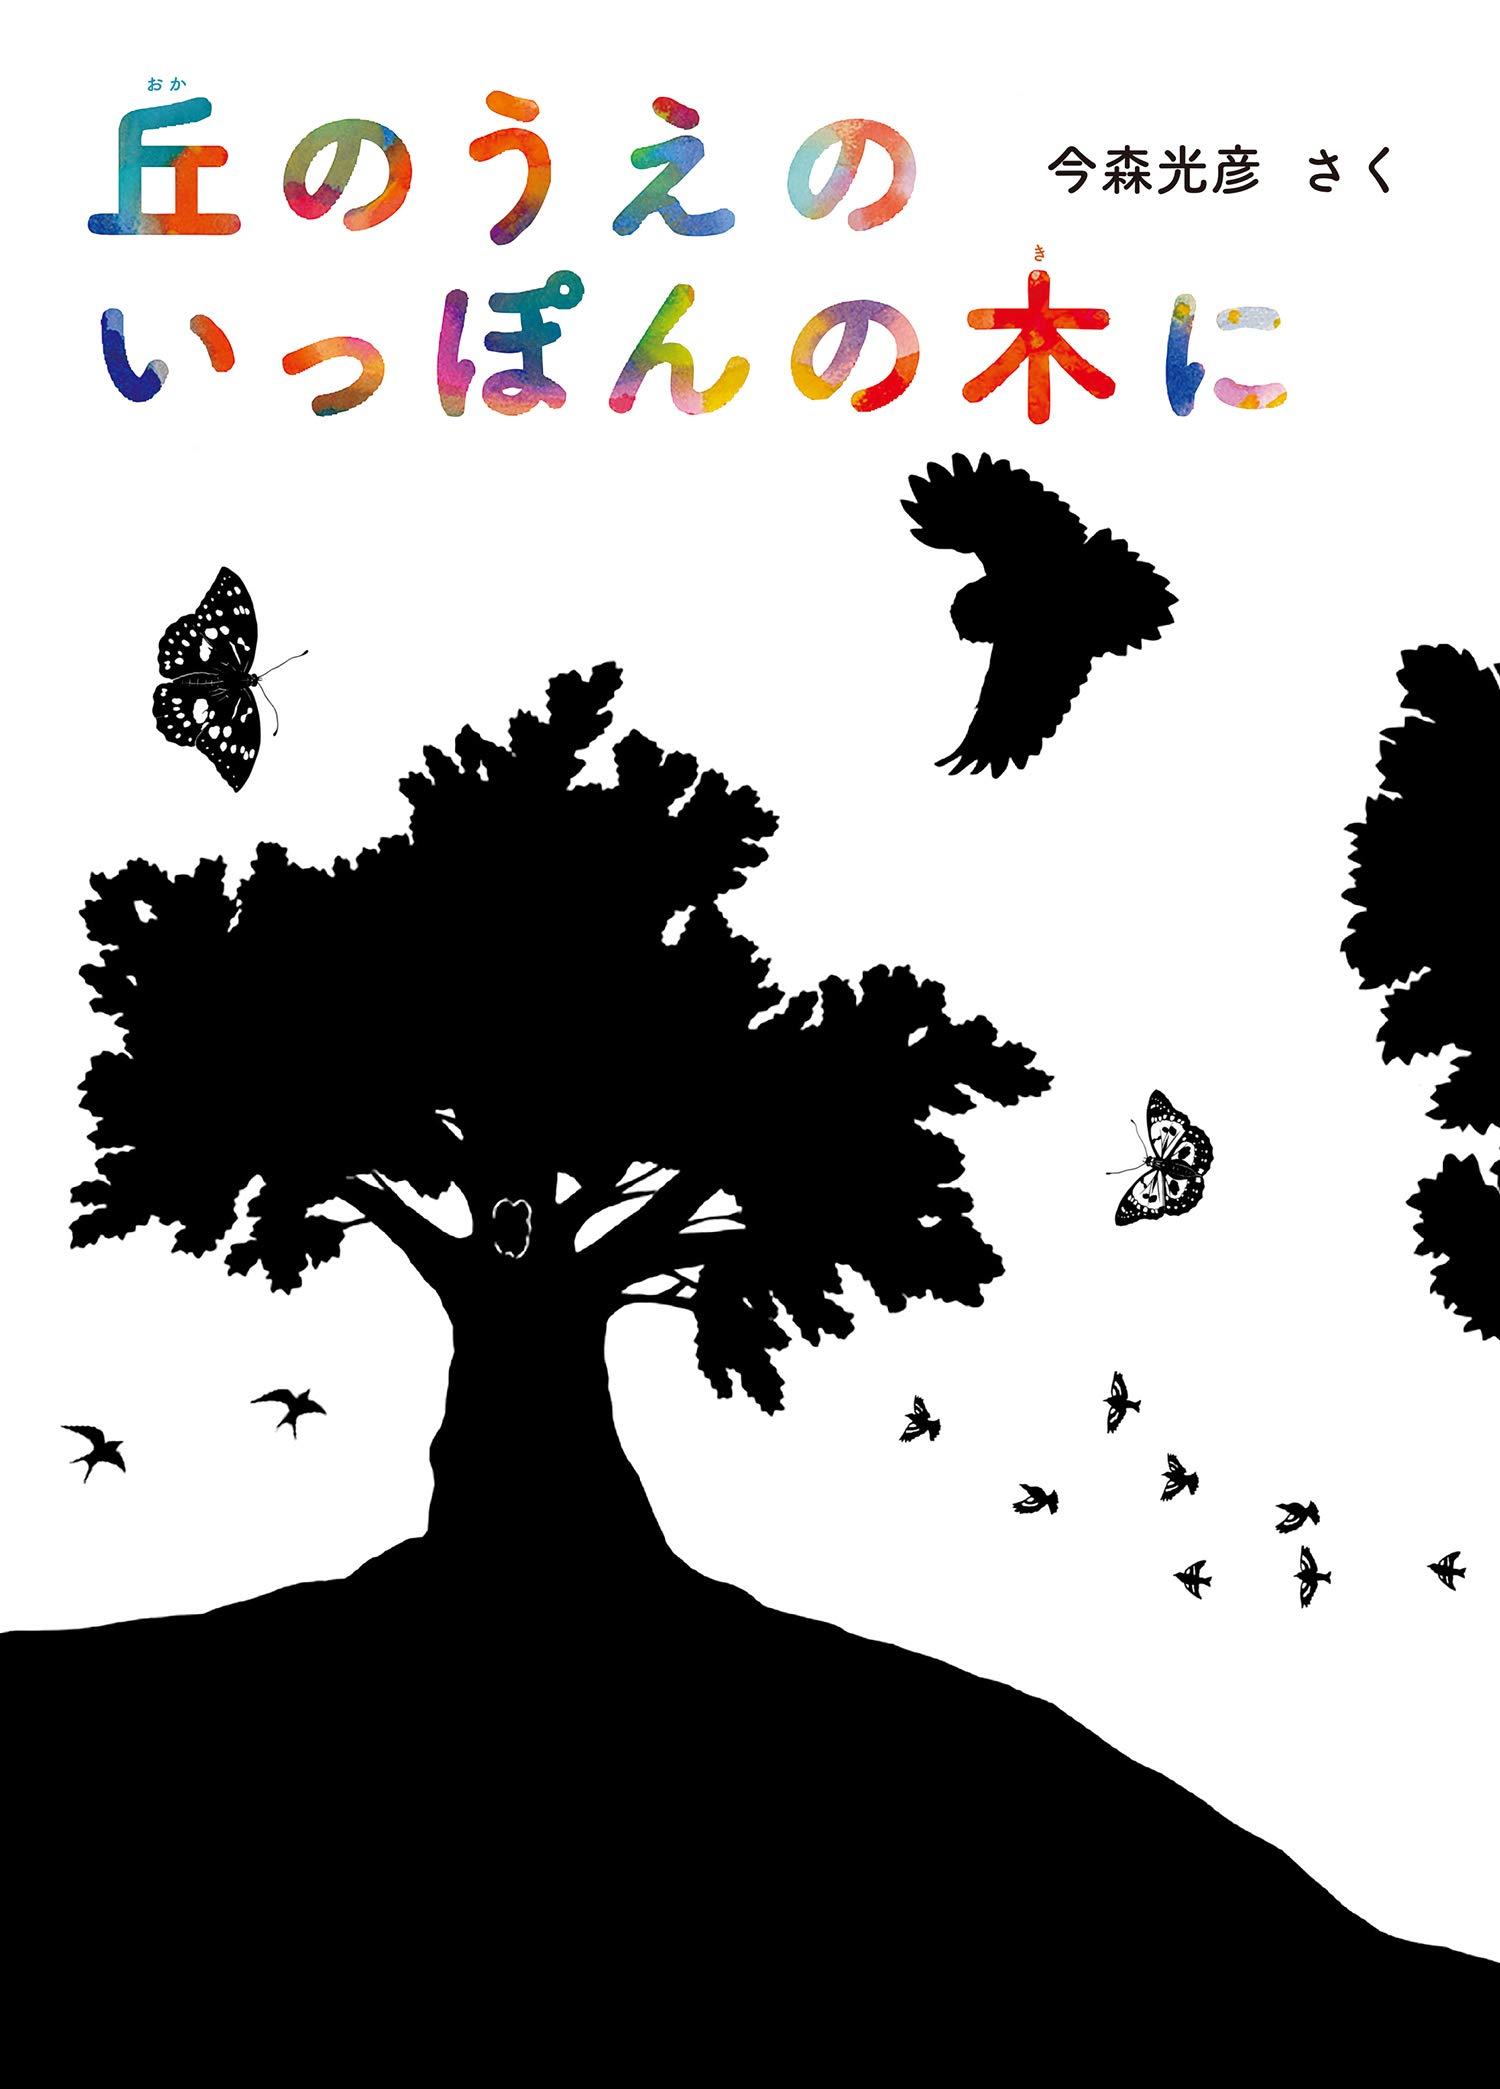 丘のうえのいっぽんの木に